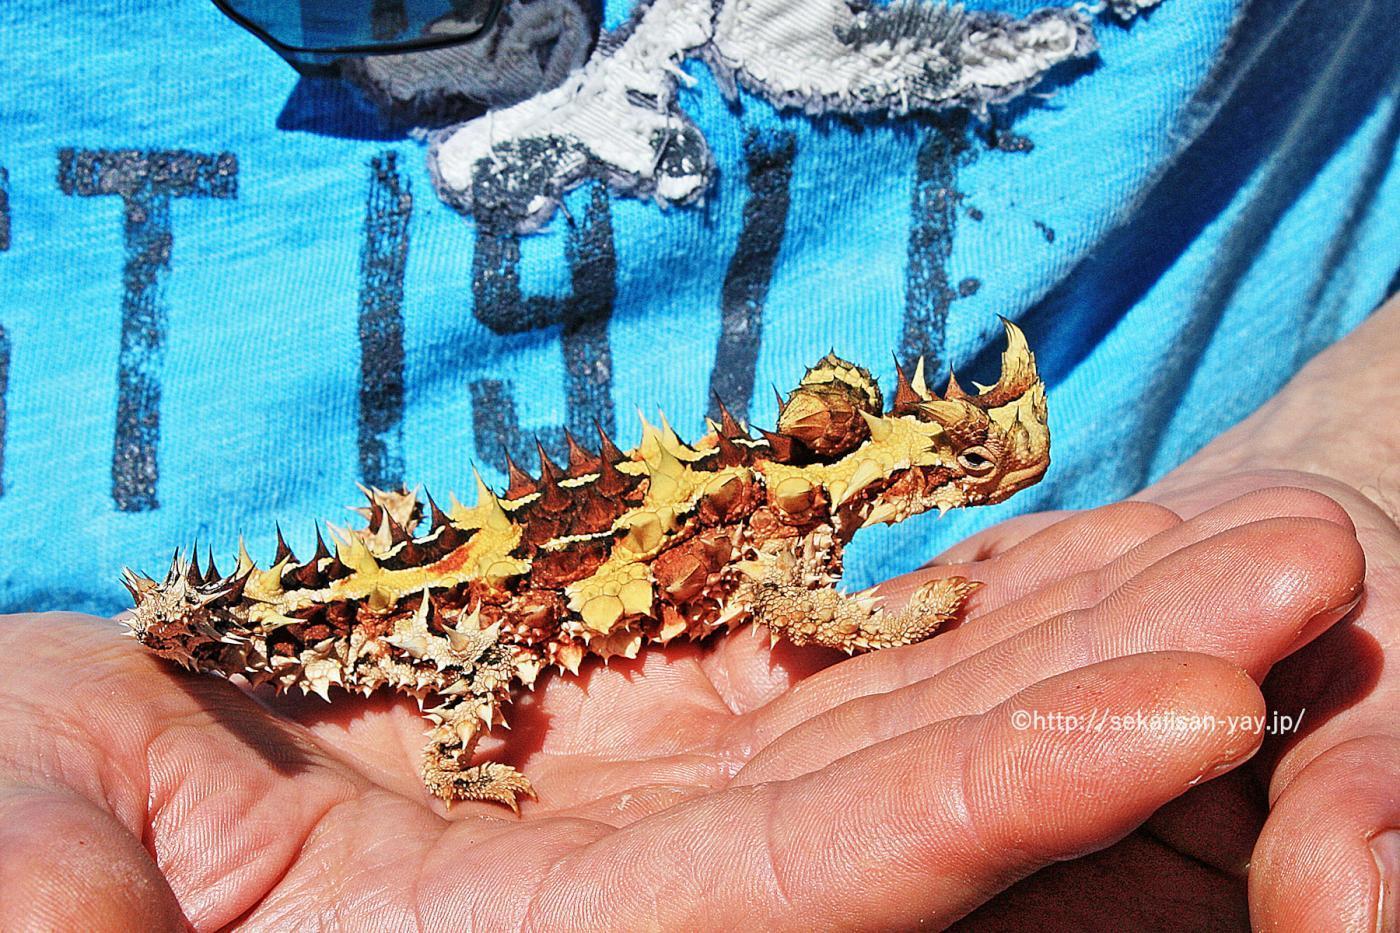 オーストラリア世界遺産「ウルル-カタ・ジュタ国立公園」 - モロクトカゲ(Thony Devil)